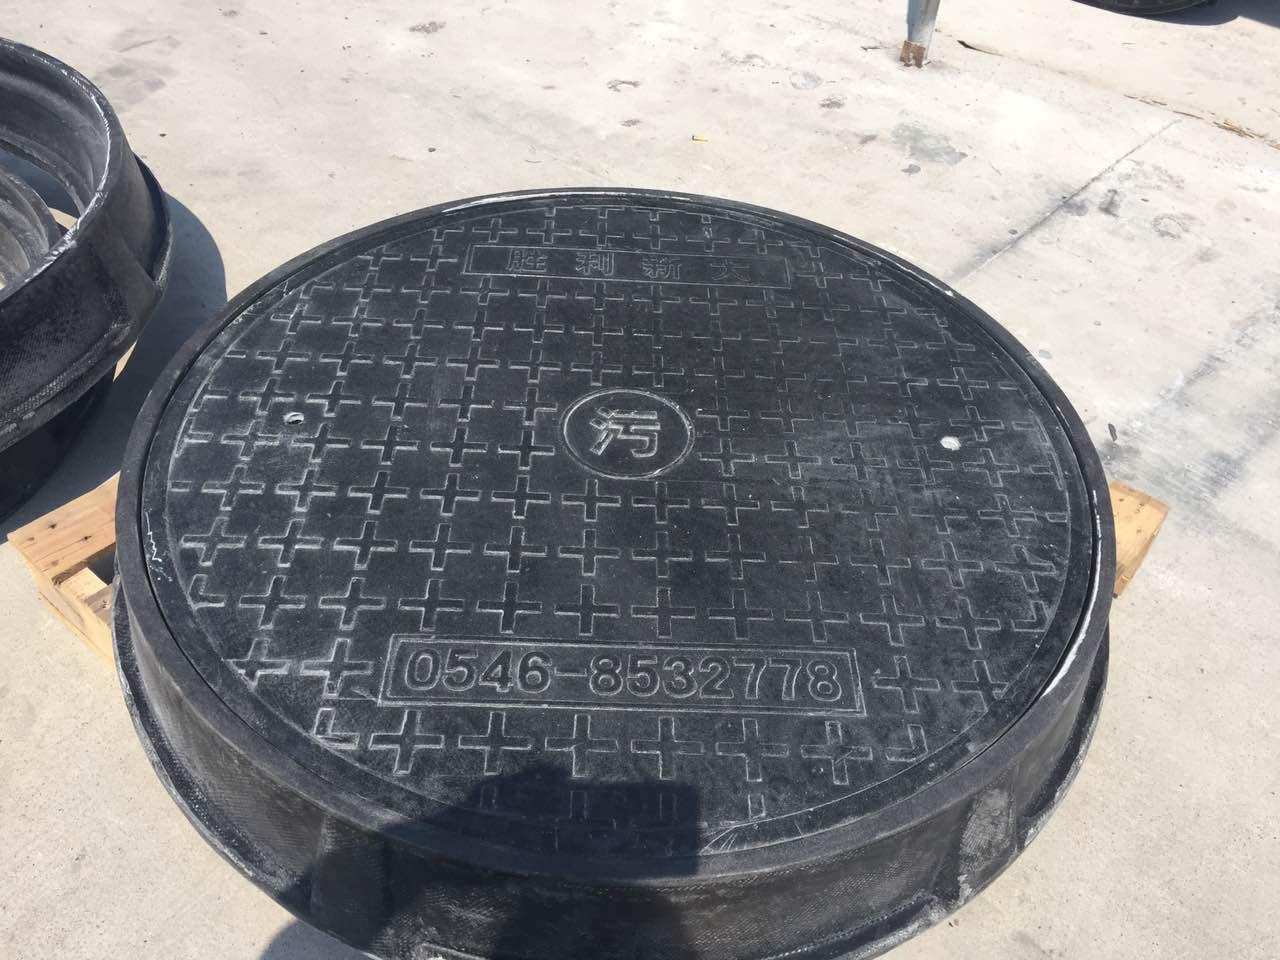 安泰复合重型井盖、沪工复合水表箱、安达复合水篦子、复合圆井盖、昆仑复合双层井盖、中油复合正方形井盖、